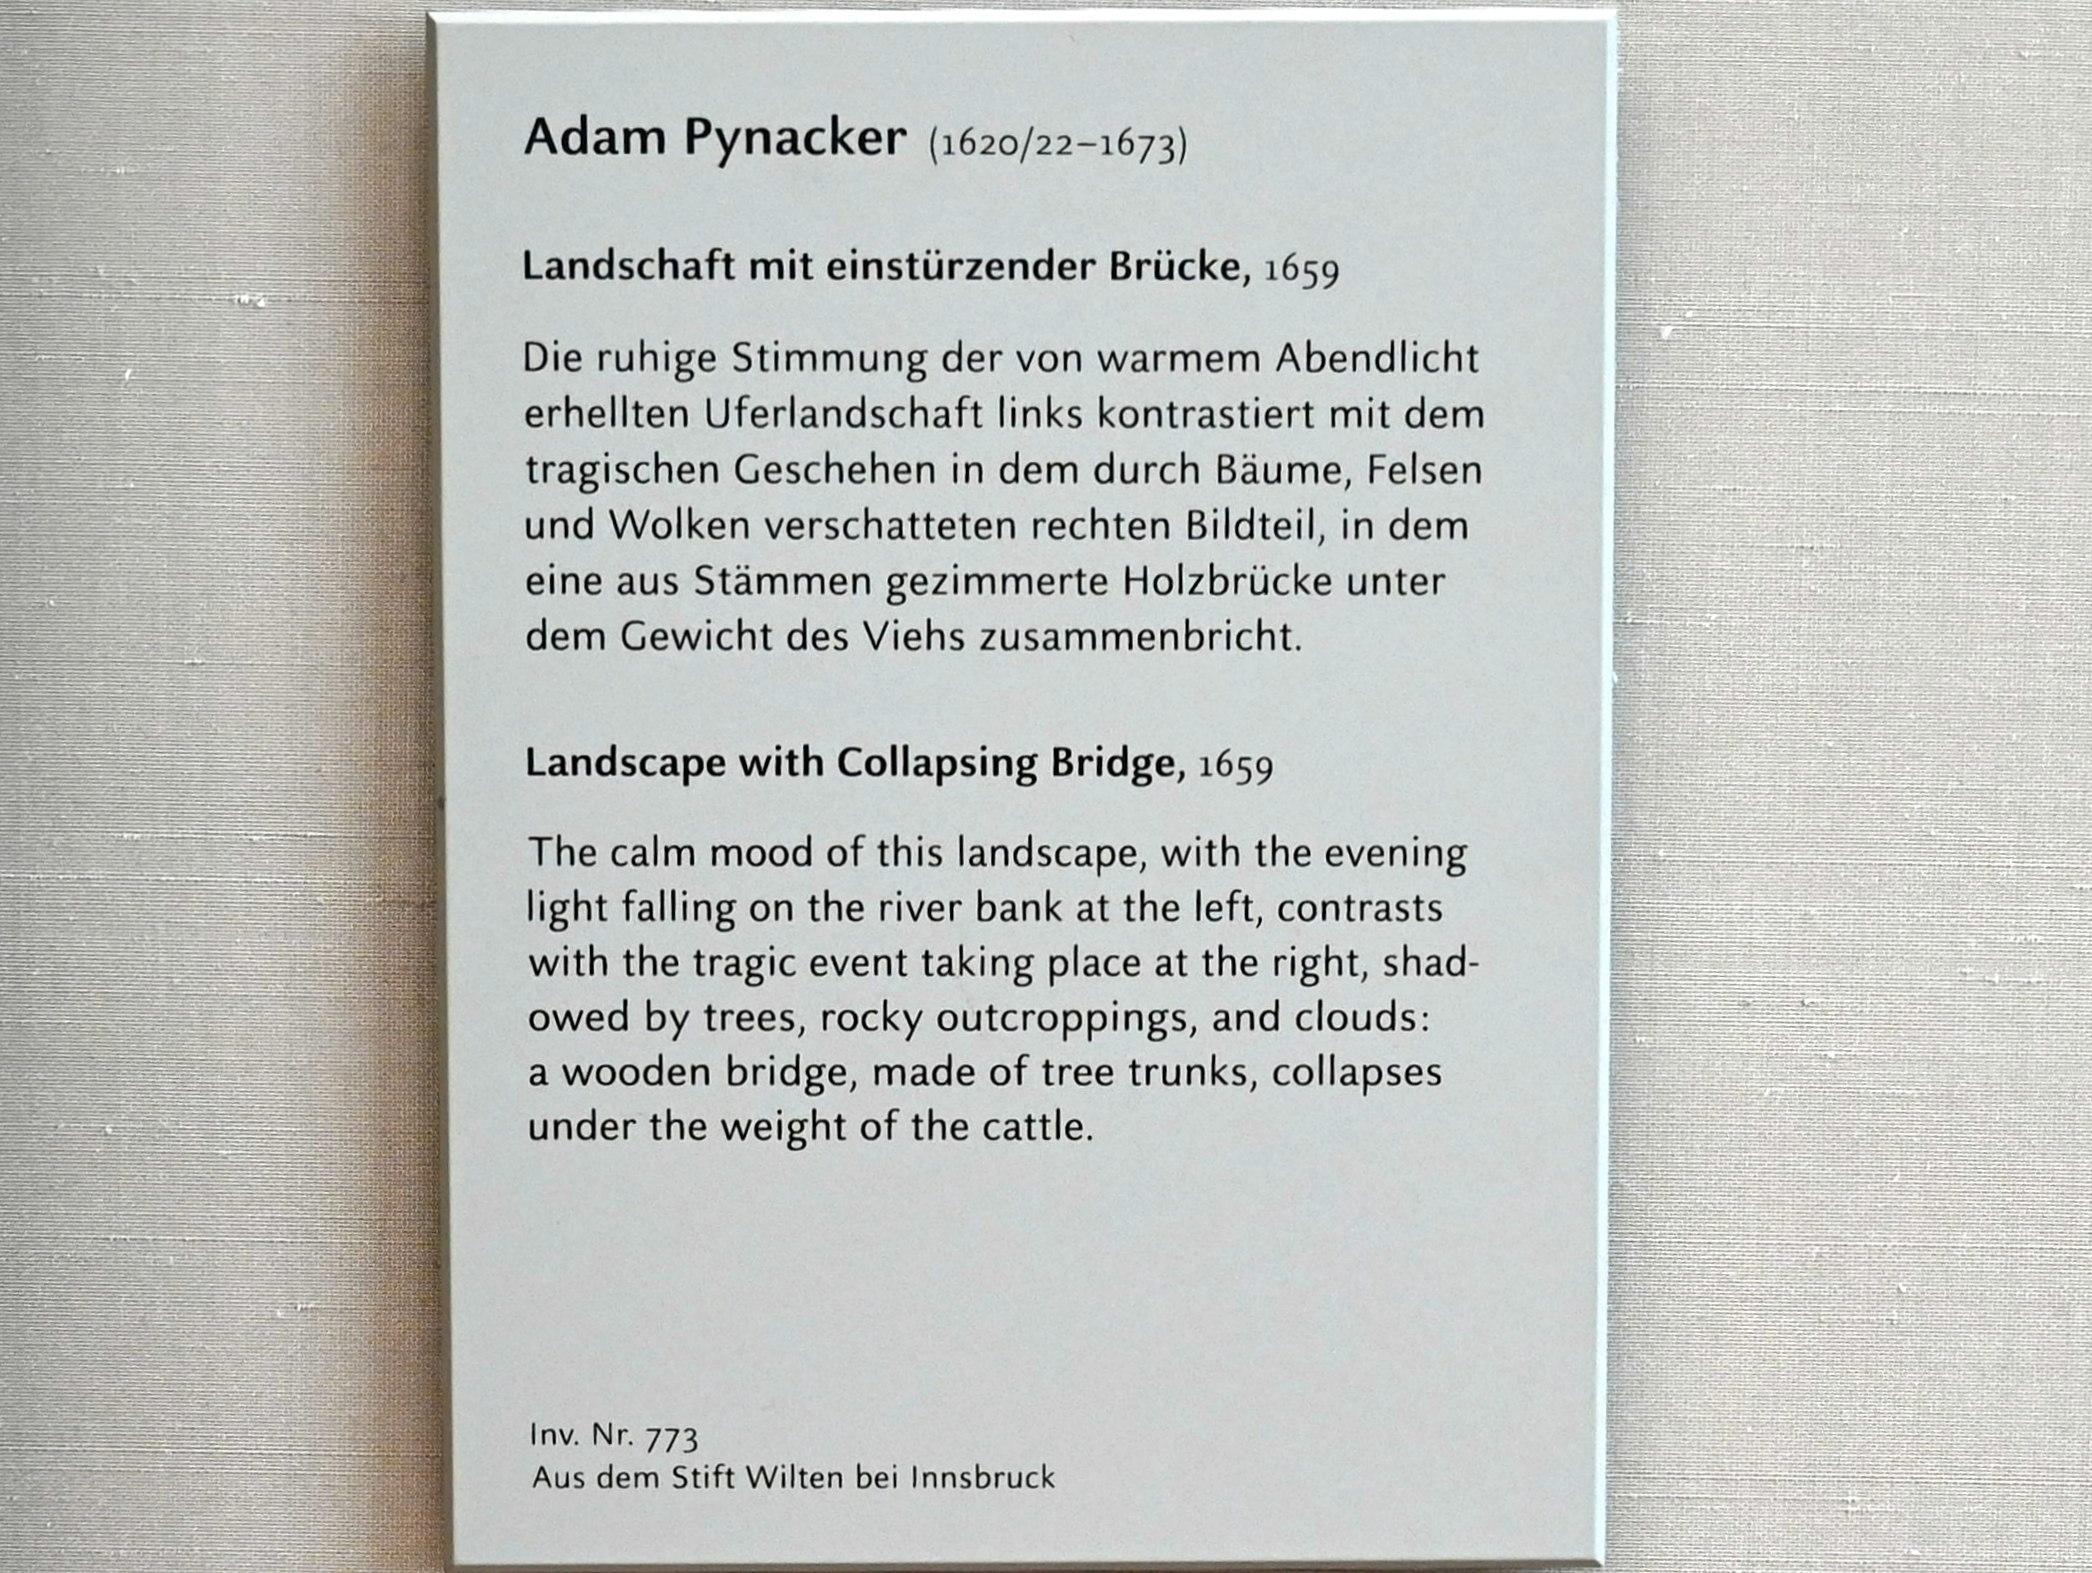 Adam Pynacker: Landschaft mit einstürzender Brücke, 1659, Bild 2/2